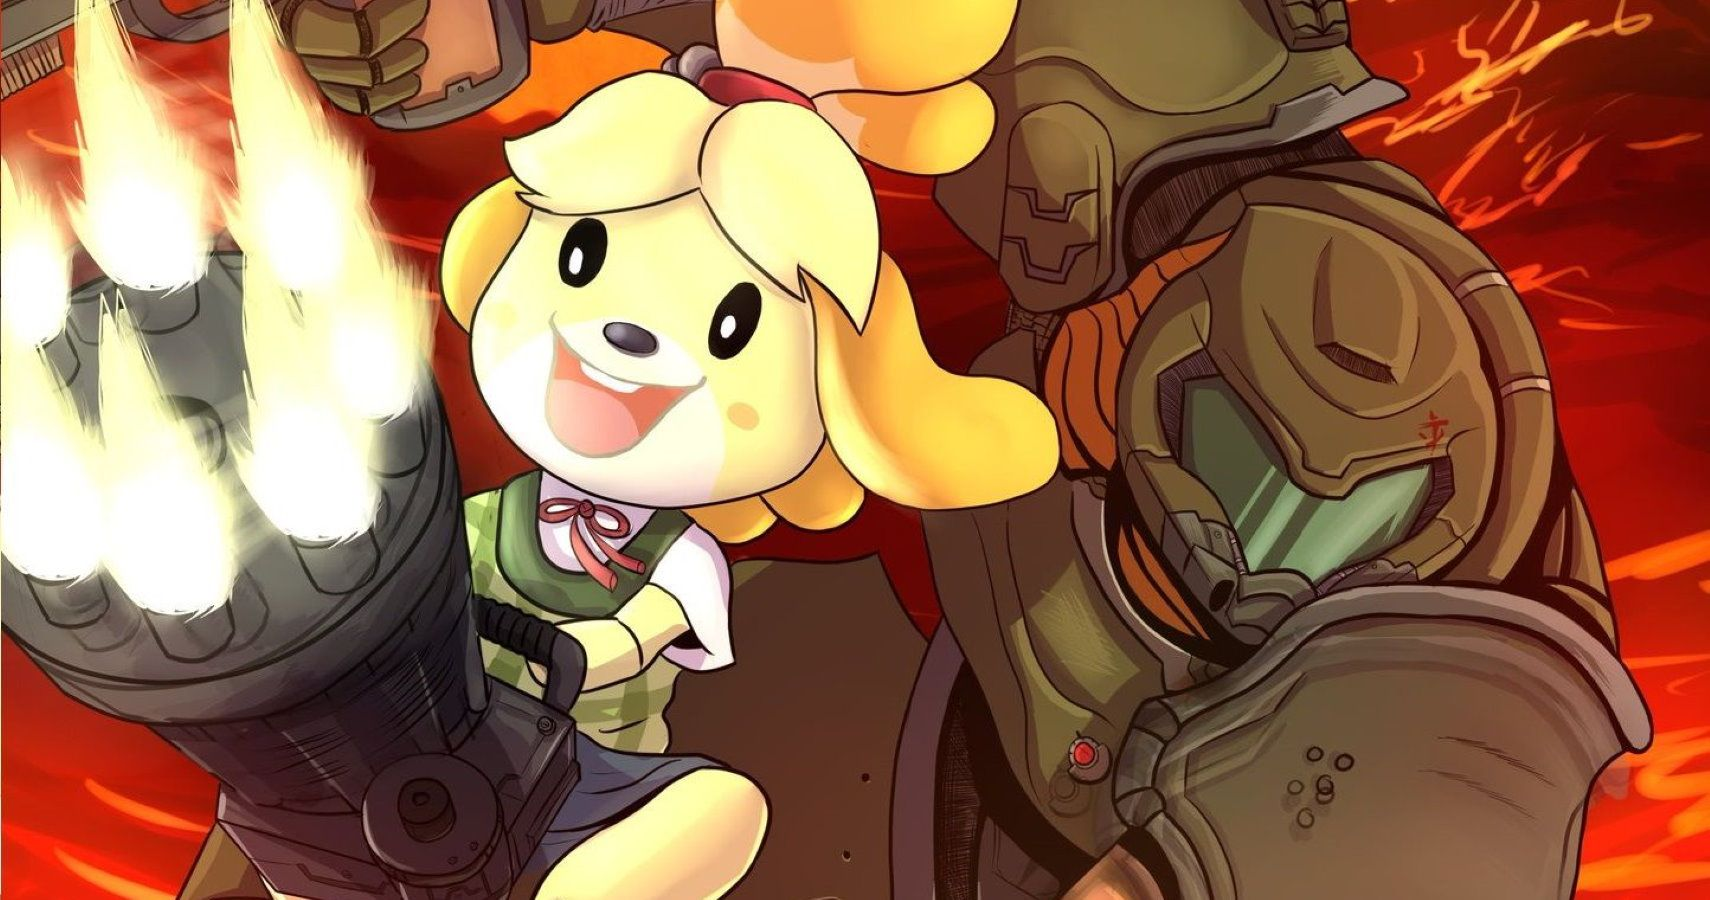 Animal Crossing meets Doom Eternal meme